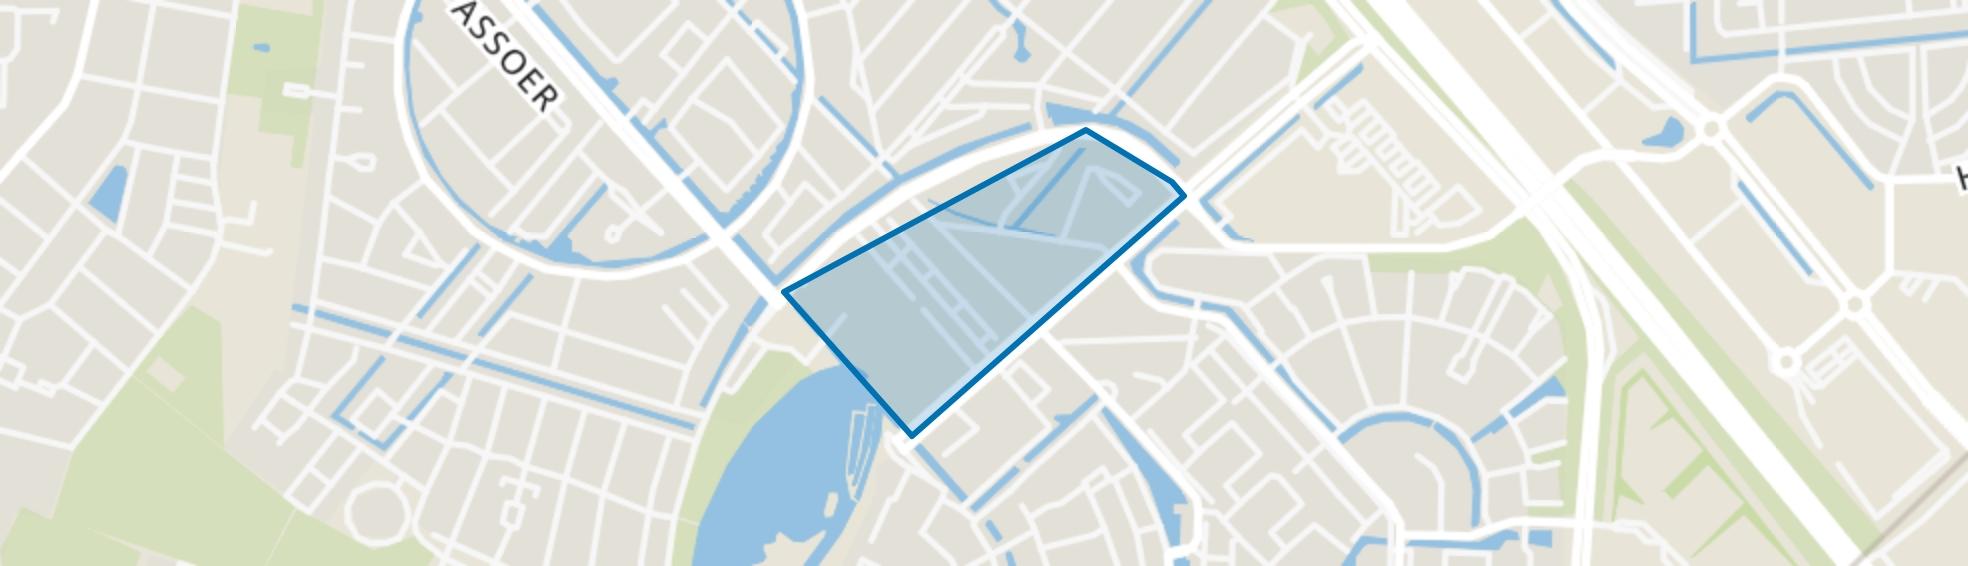 Emiclaer, Amersfoort map